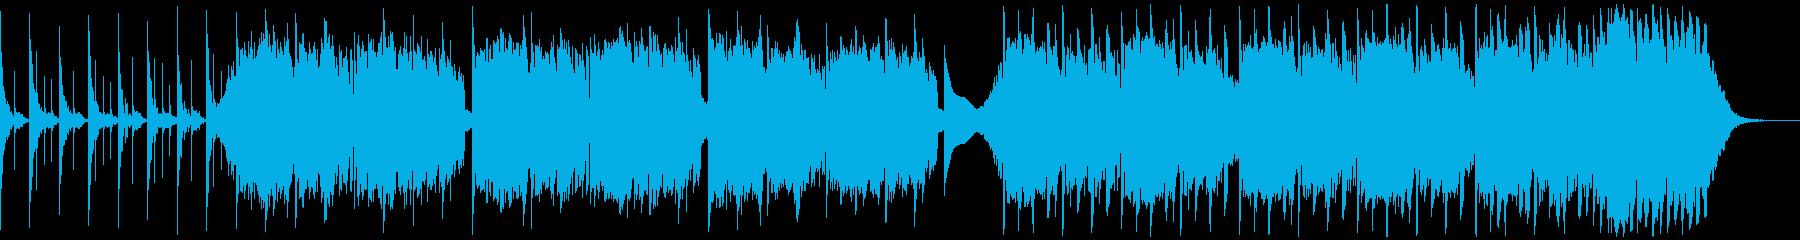 低音で変速な暗いアンビエントな曲の再生済みの波形